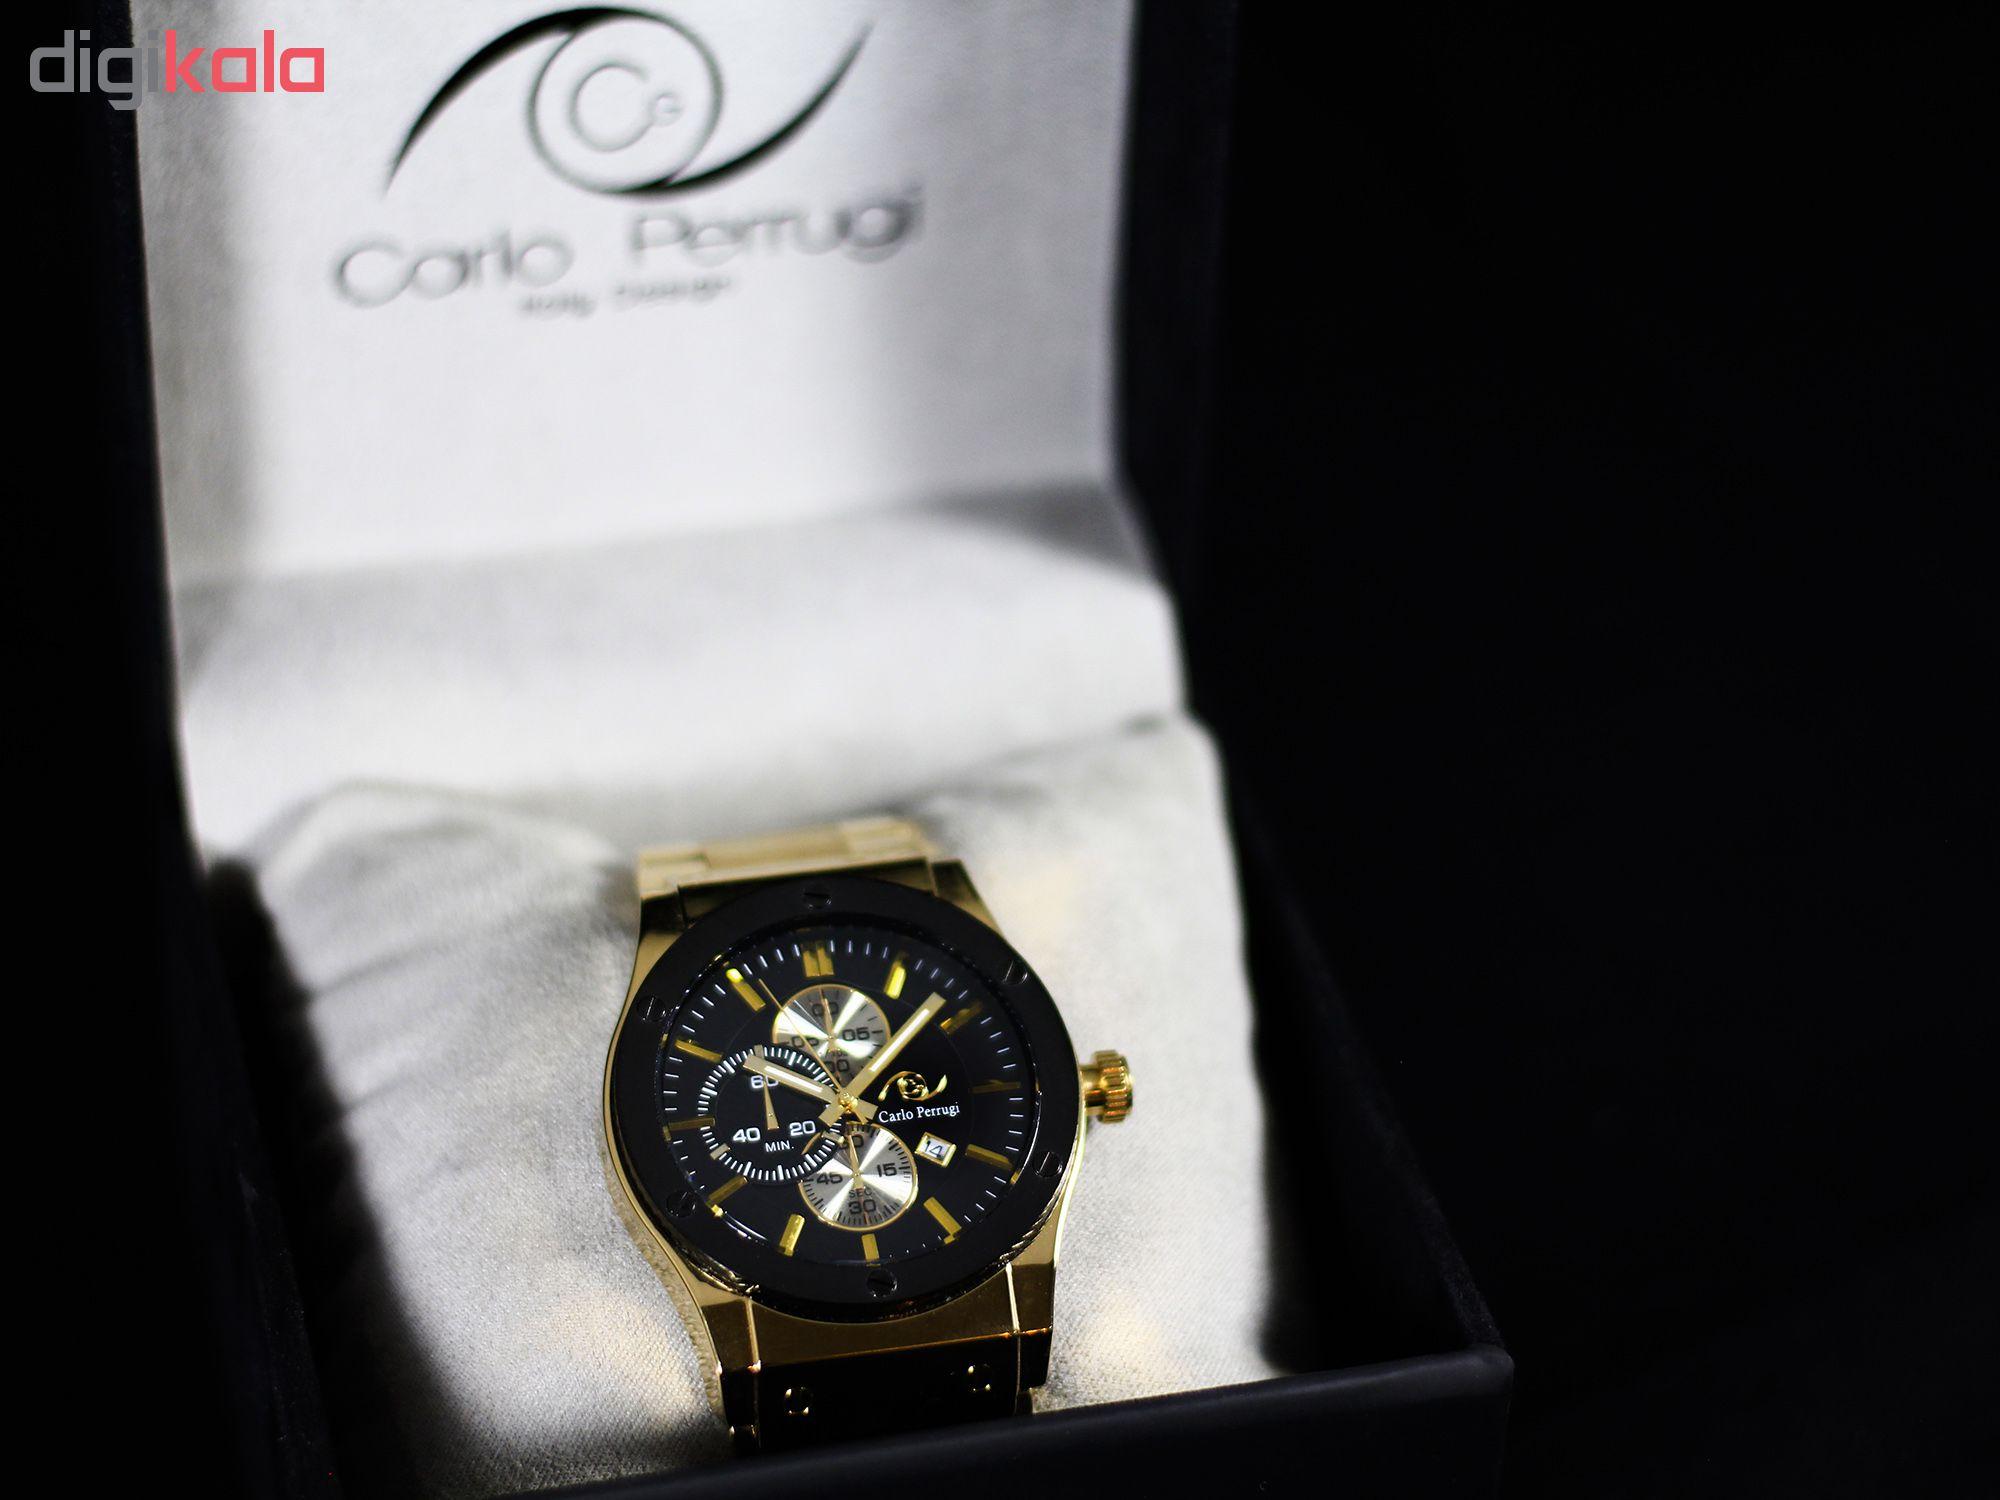 ساعت مچی عقربه ای مردانه کارلو پروجی مدل G8980-1